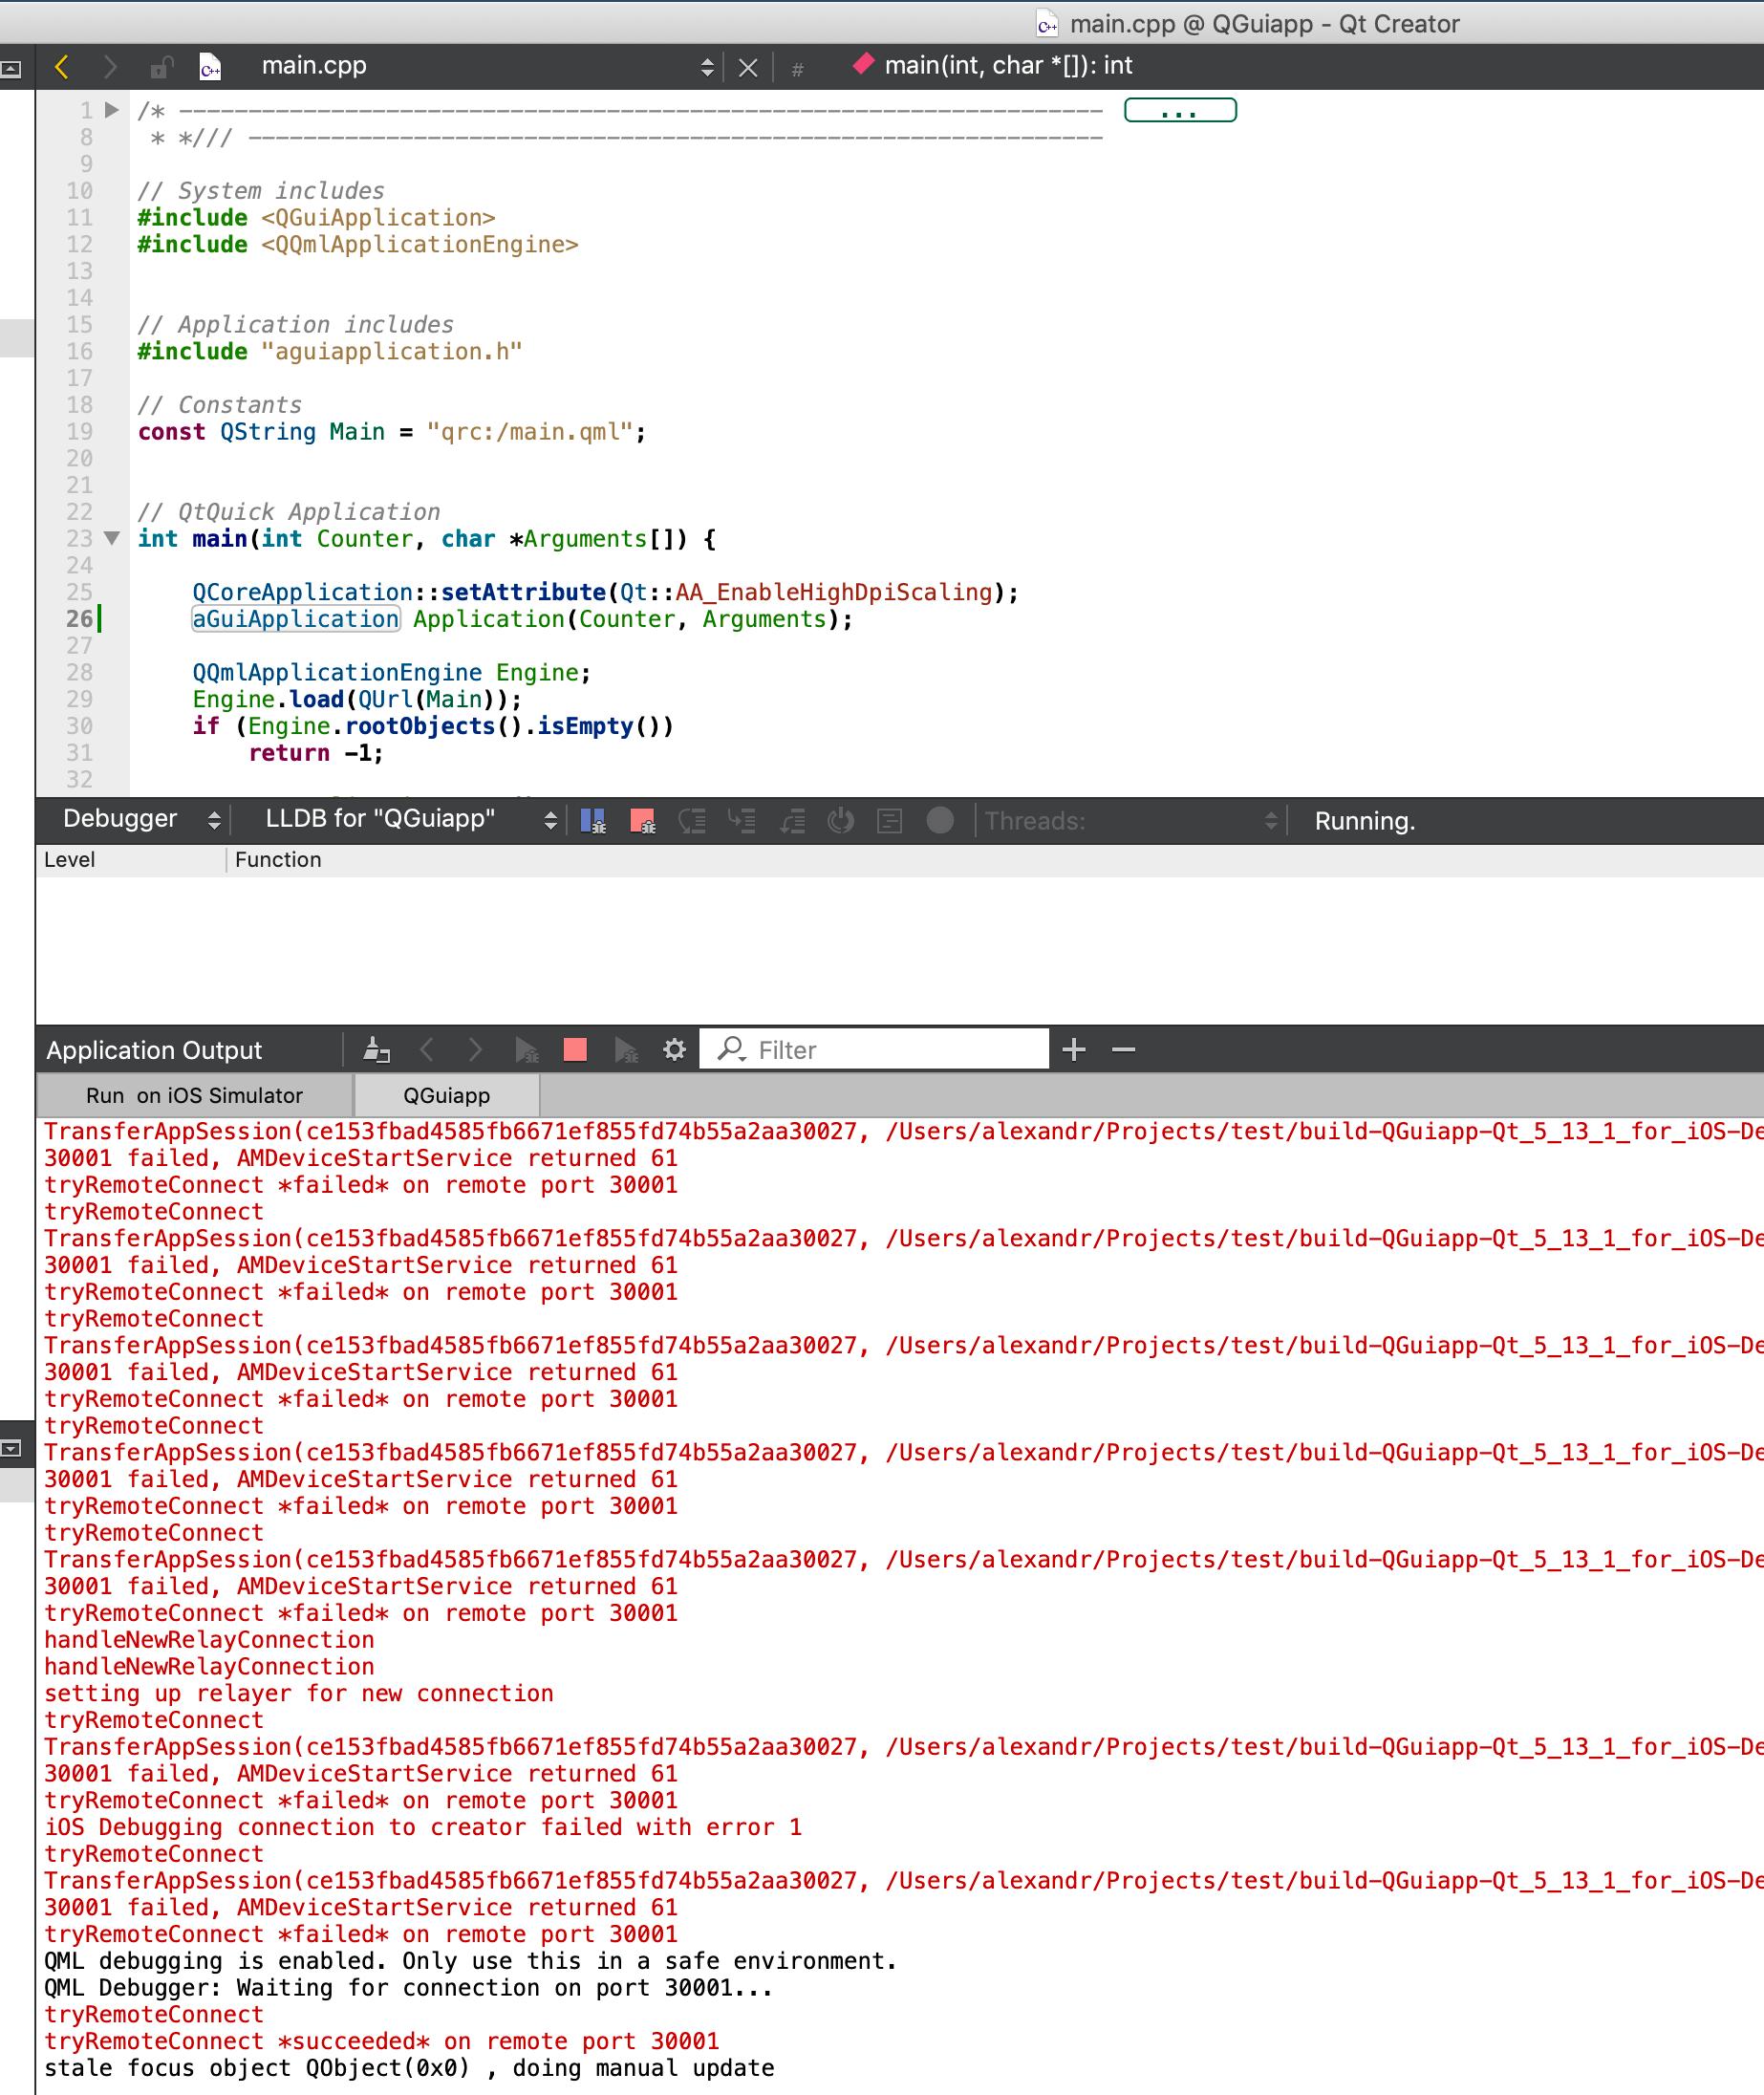 Screenshot 2019-10-02 at 13.40.00.png